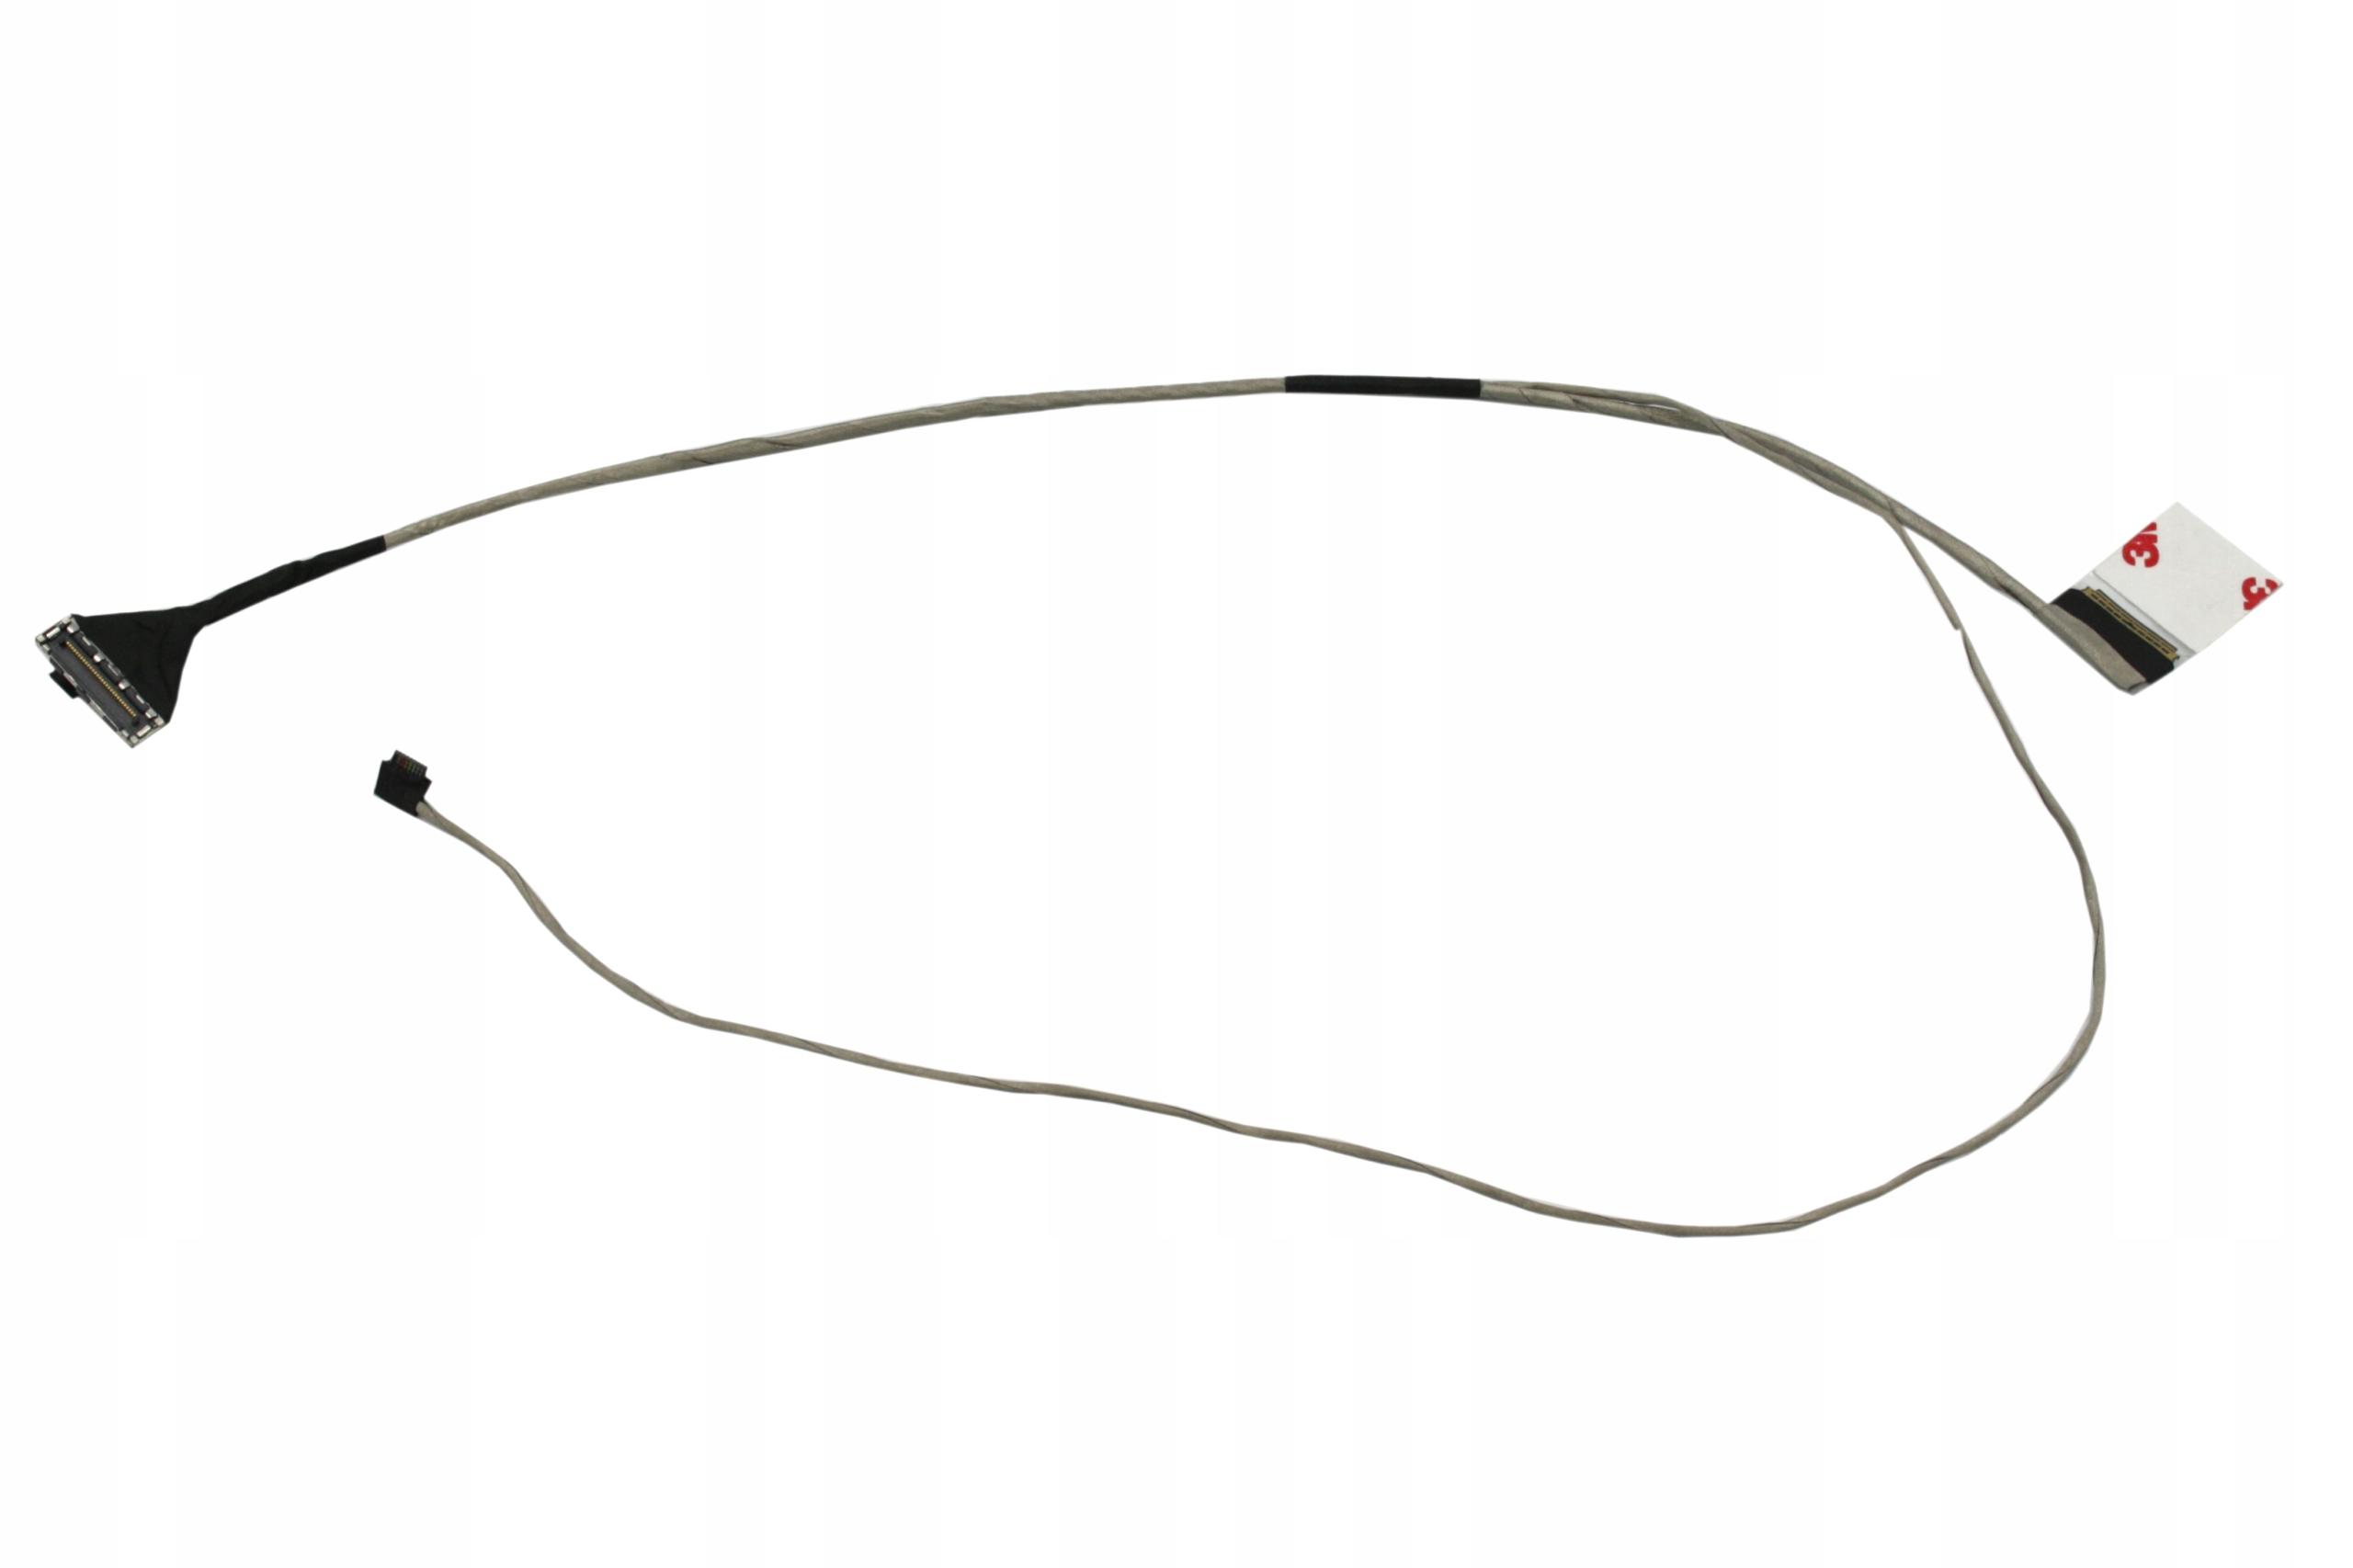 TAŚMA LCD MATRYCY LENOVO G40-30 G50-30 G50-45 DC02001MC00 REV.: 0A - Taśmy i inwertery